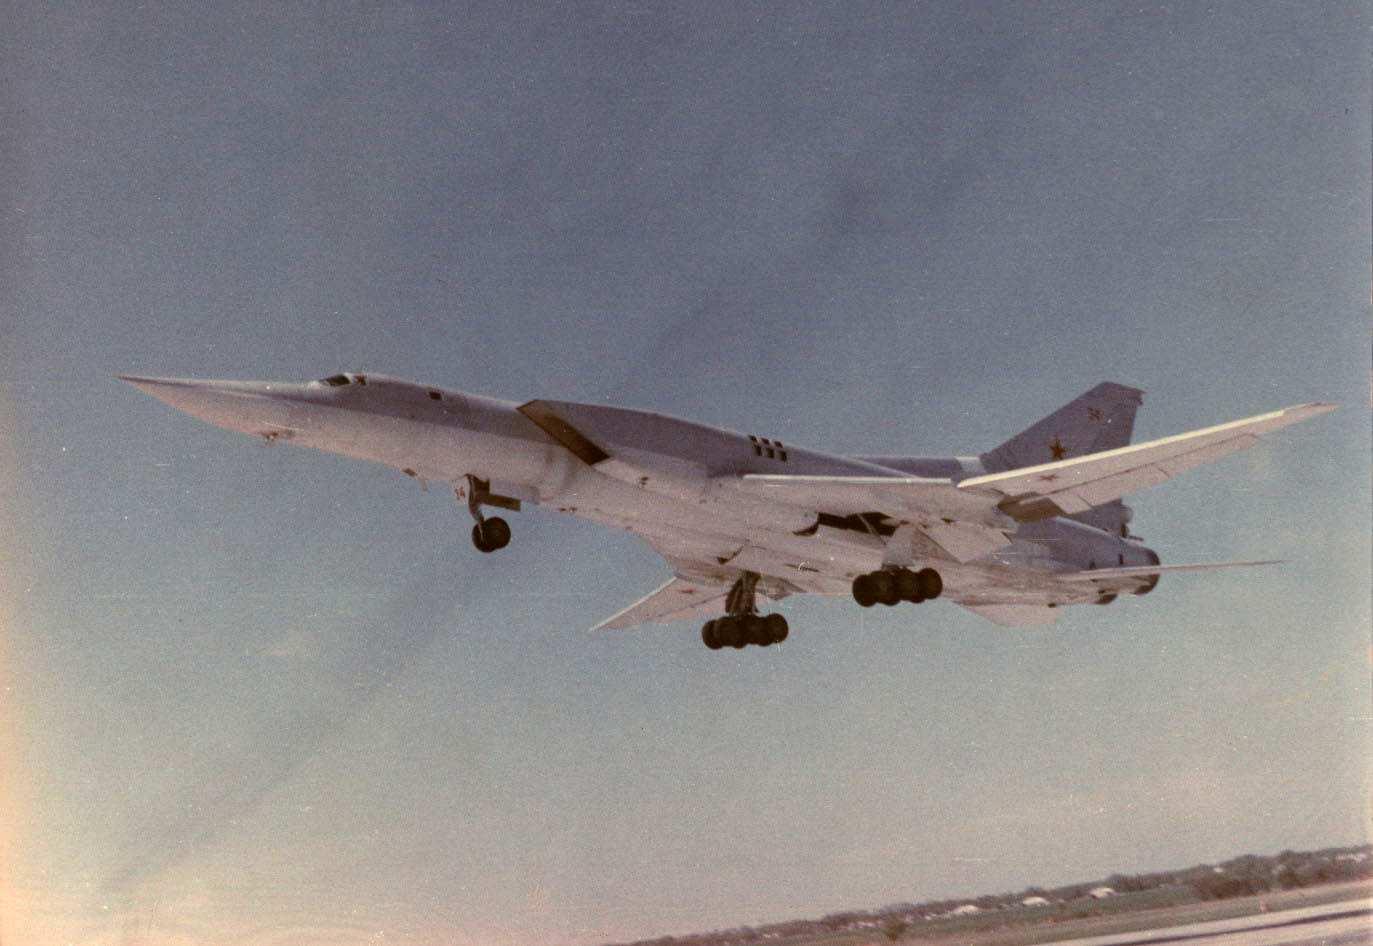 القاذفة الروسية الثقيلة TU-22 ملخص شامل عنها - صفحة 4 Tu-22m3_1_